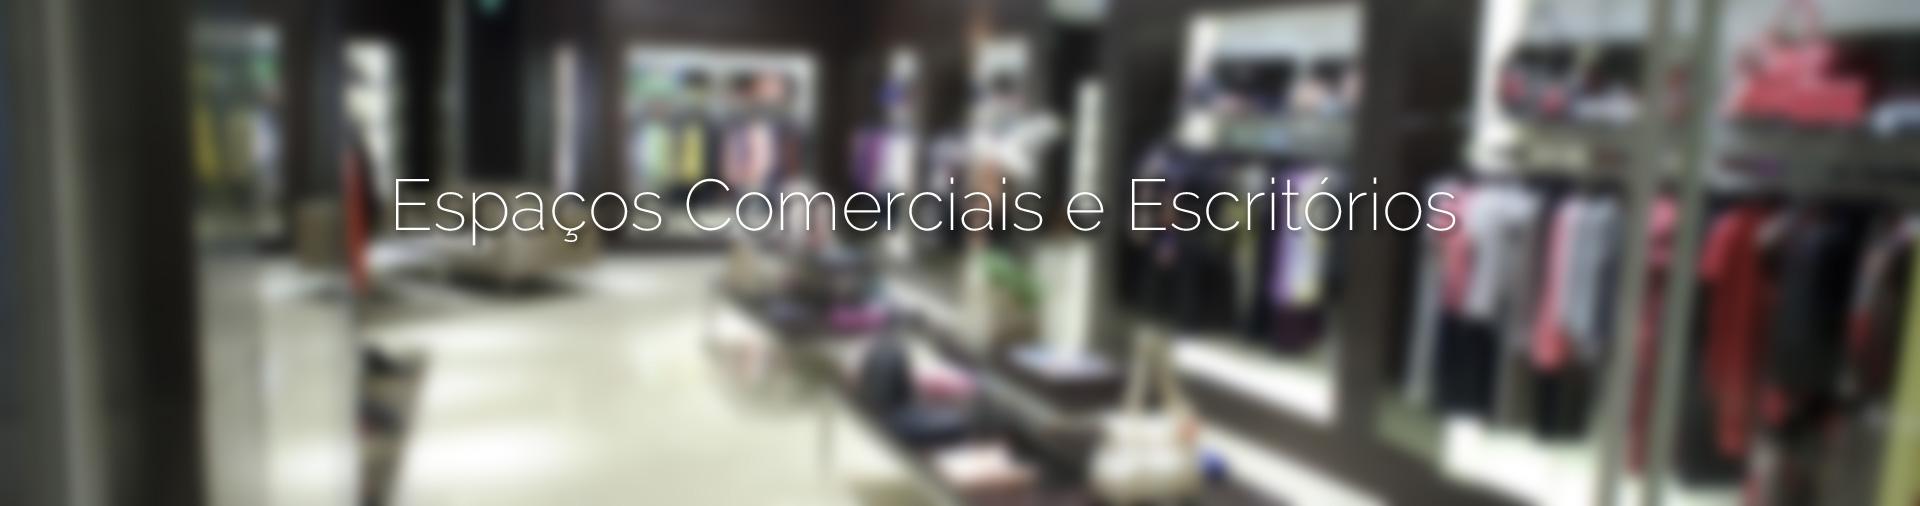 Espaços Comerciais e Serviços